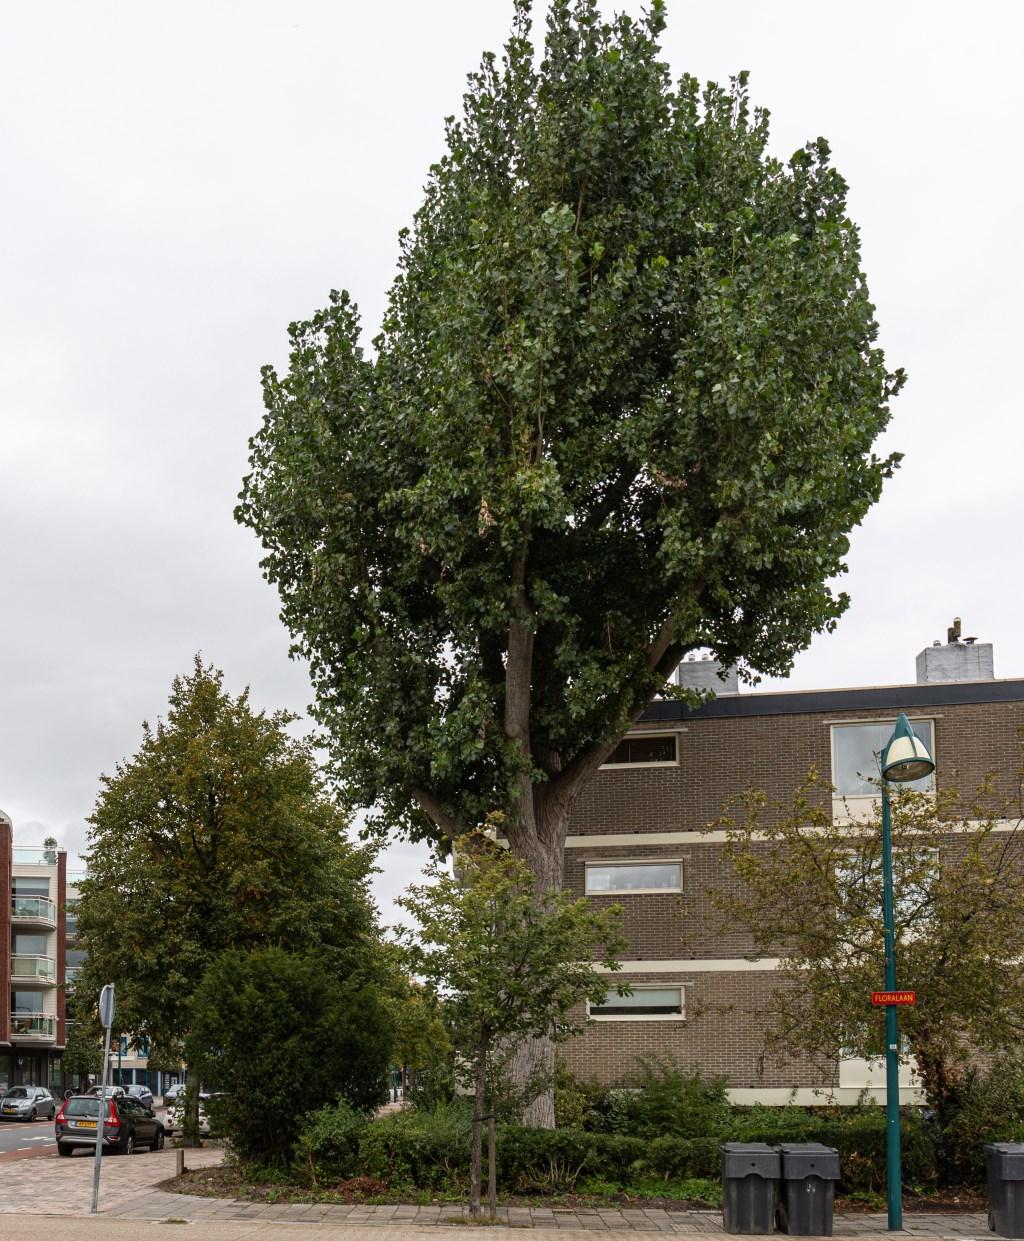 De boom die moet worden verwijderd. Foto: Wil van Elk © uitgeverij Verhagen